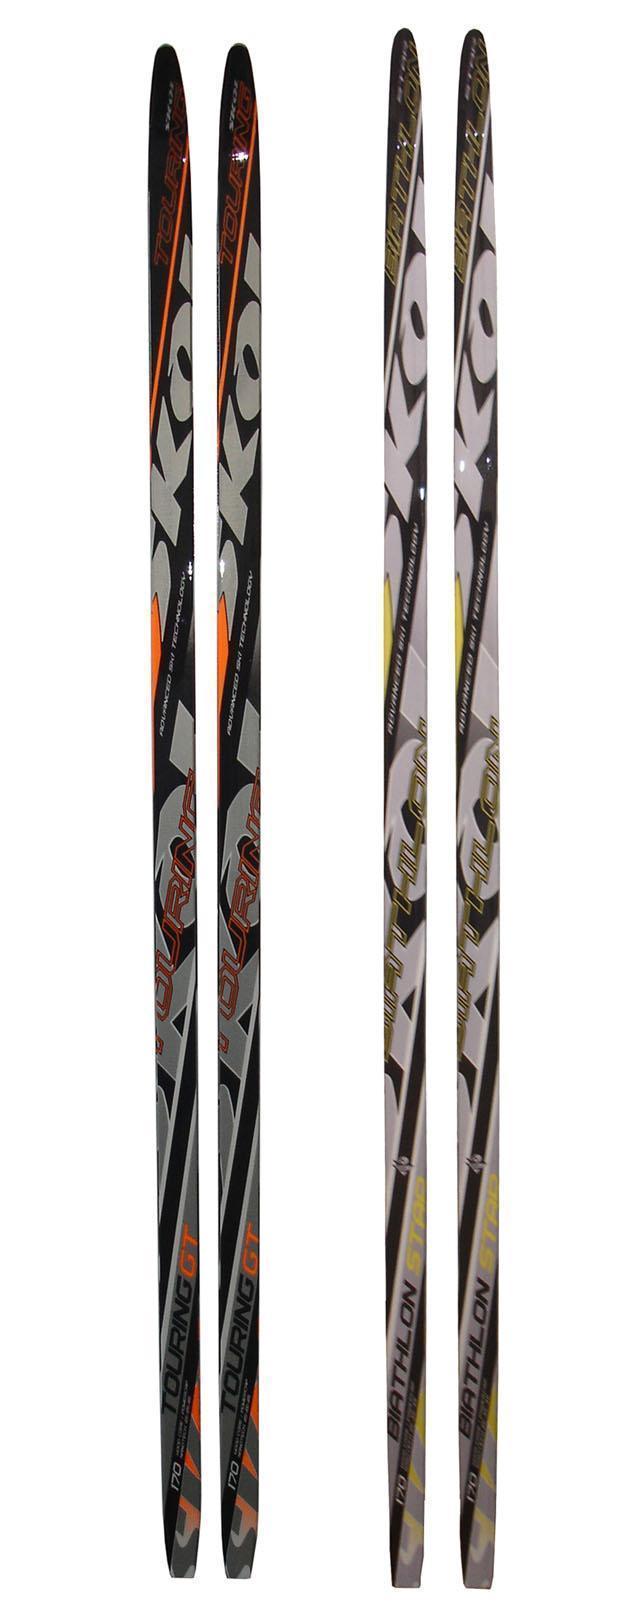 obrázek Běžecké lyže Skol Planet - se šupinami 05-LST1-supiny